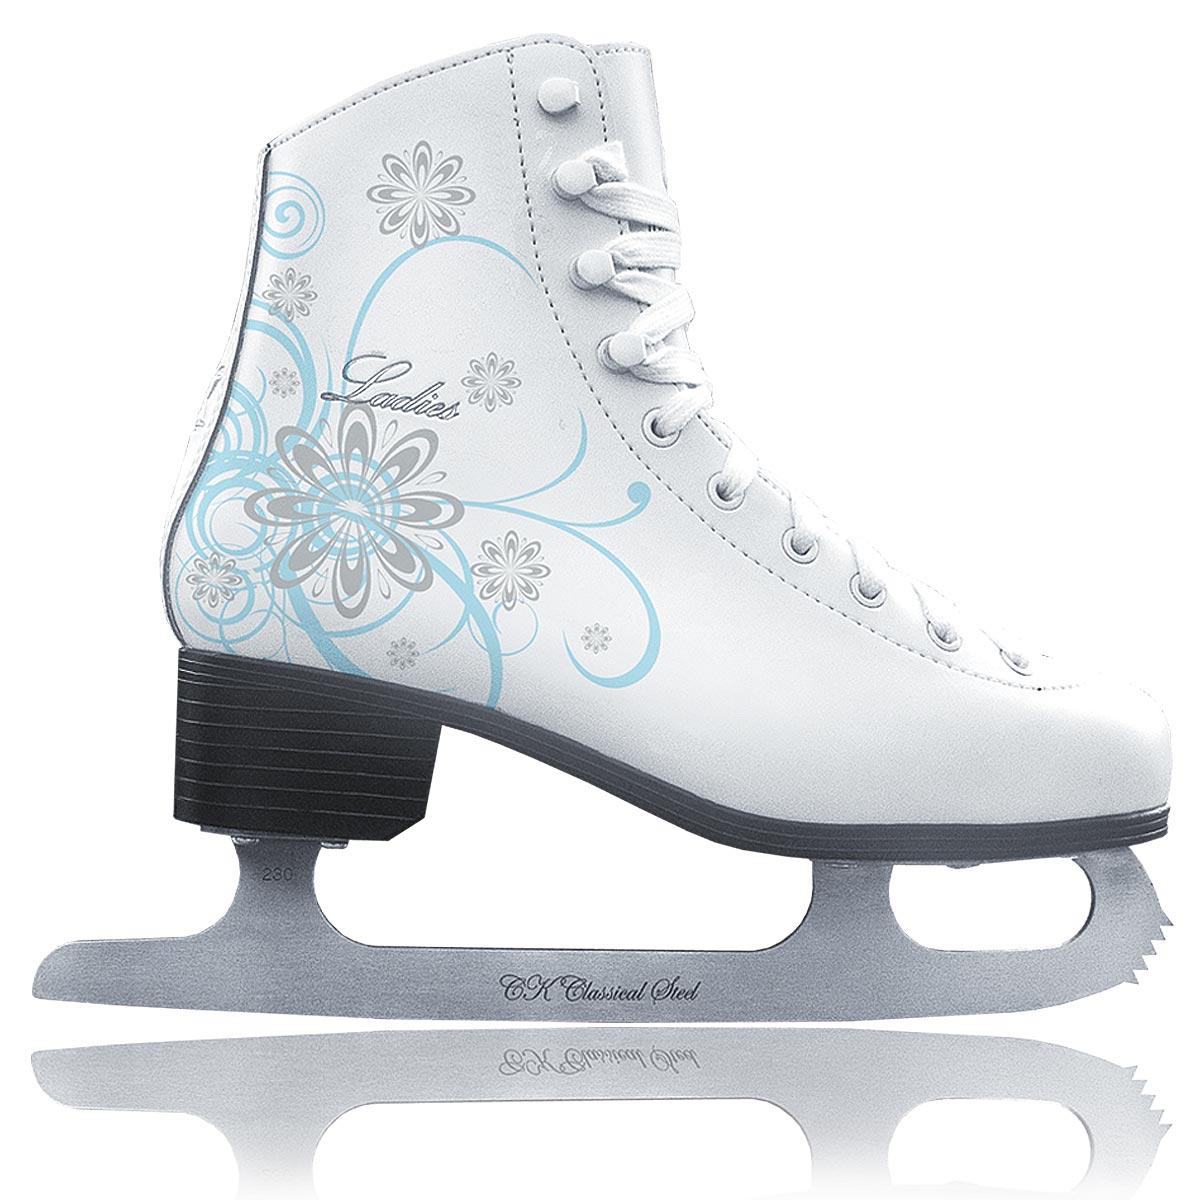 Коньки фигурные для девочки CK Ladies Velvet Classic, цвет: белый, голубой, серебряный. Размер 34Ladies Velvet Classic_белый, голубой, серебряный_34